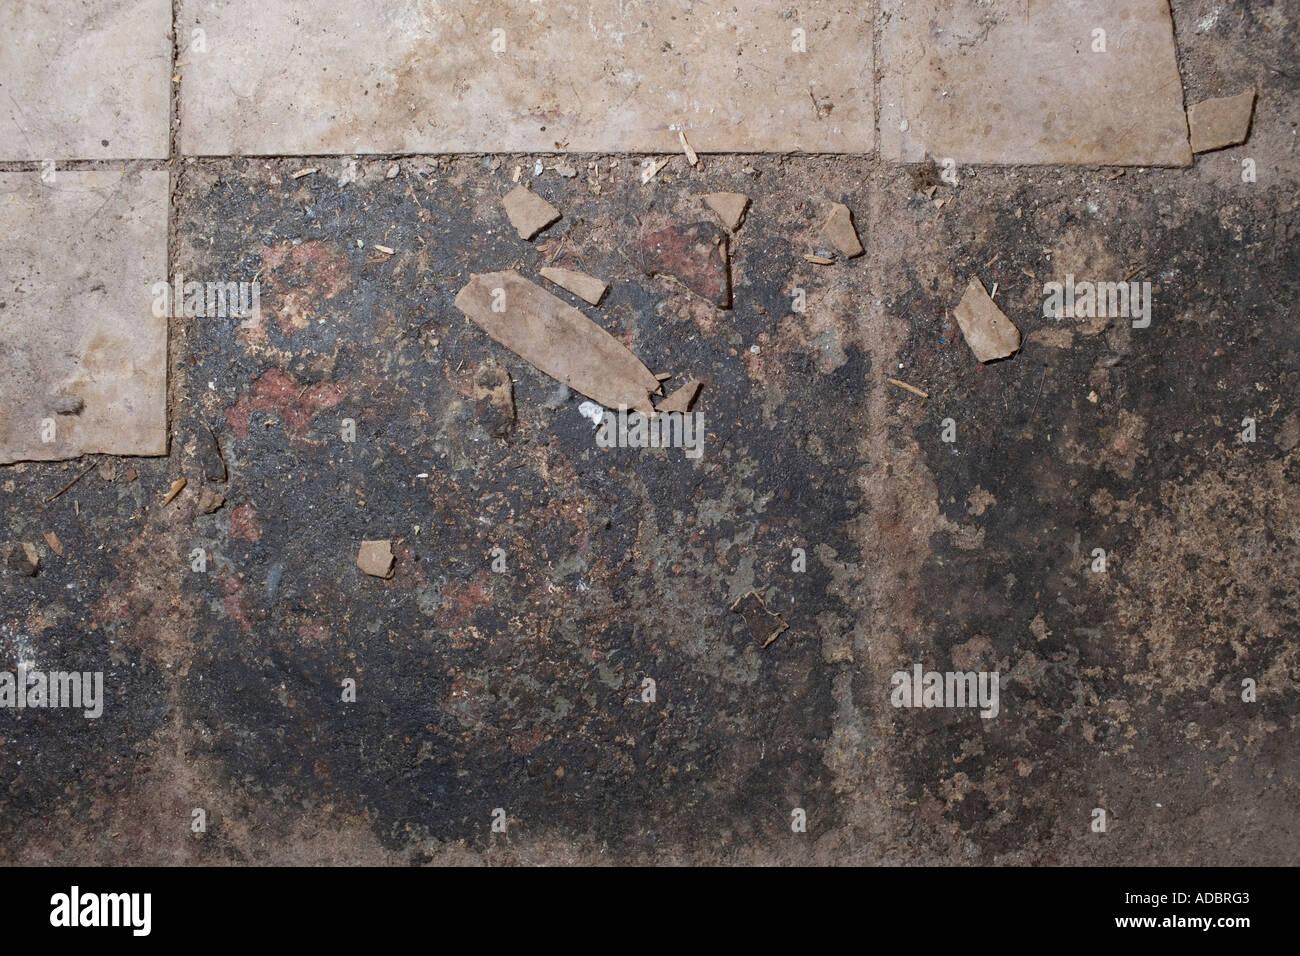 Asbestos Tile In Basement Floor Crumbling Stock Photo